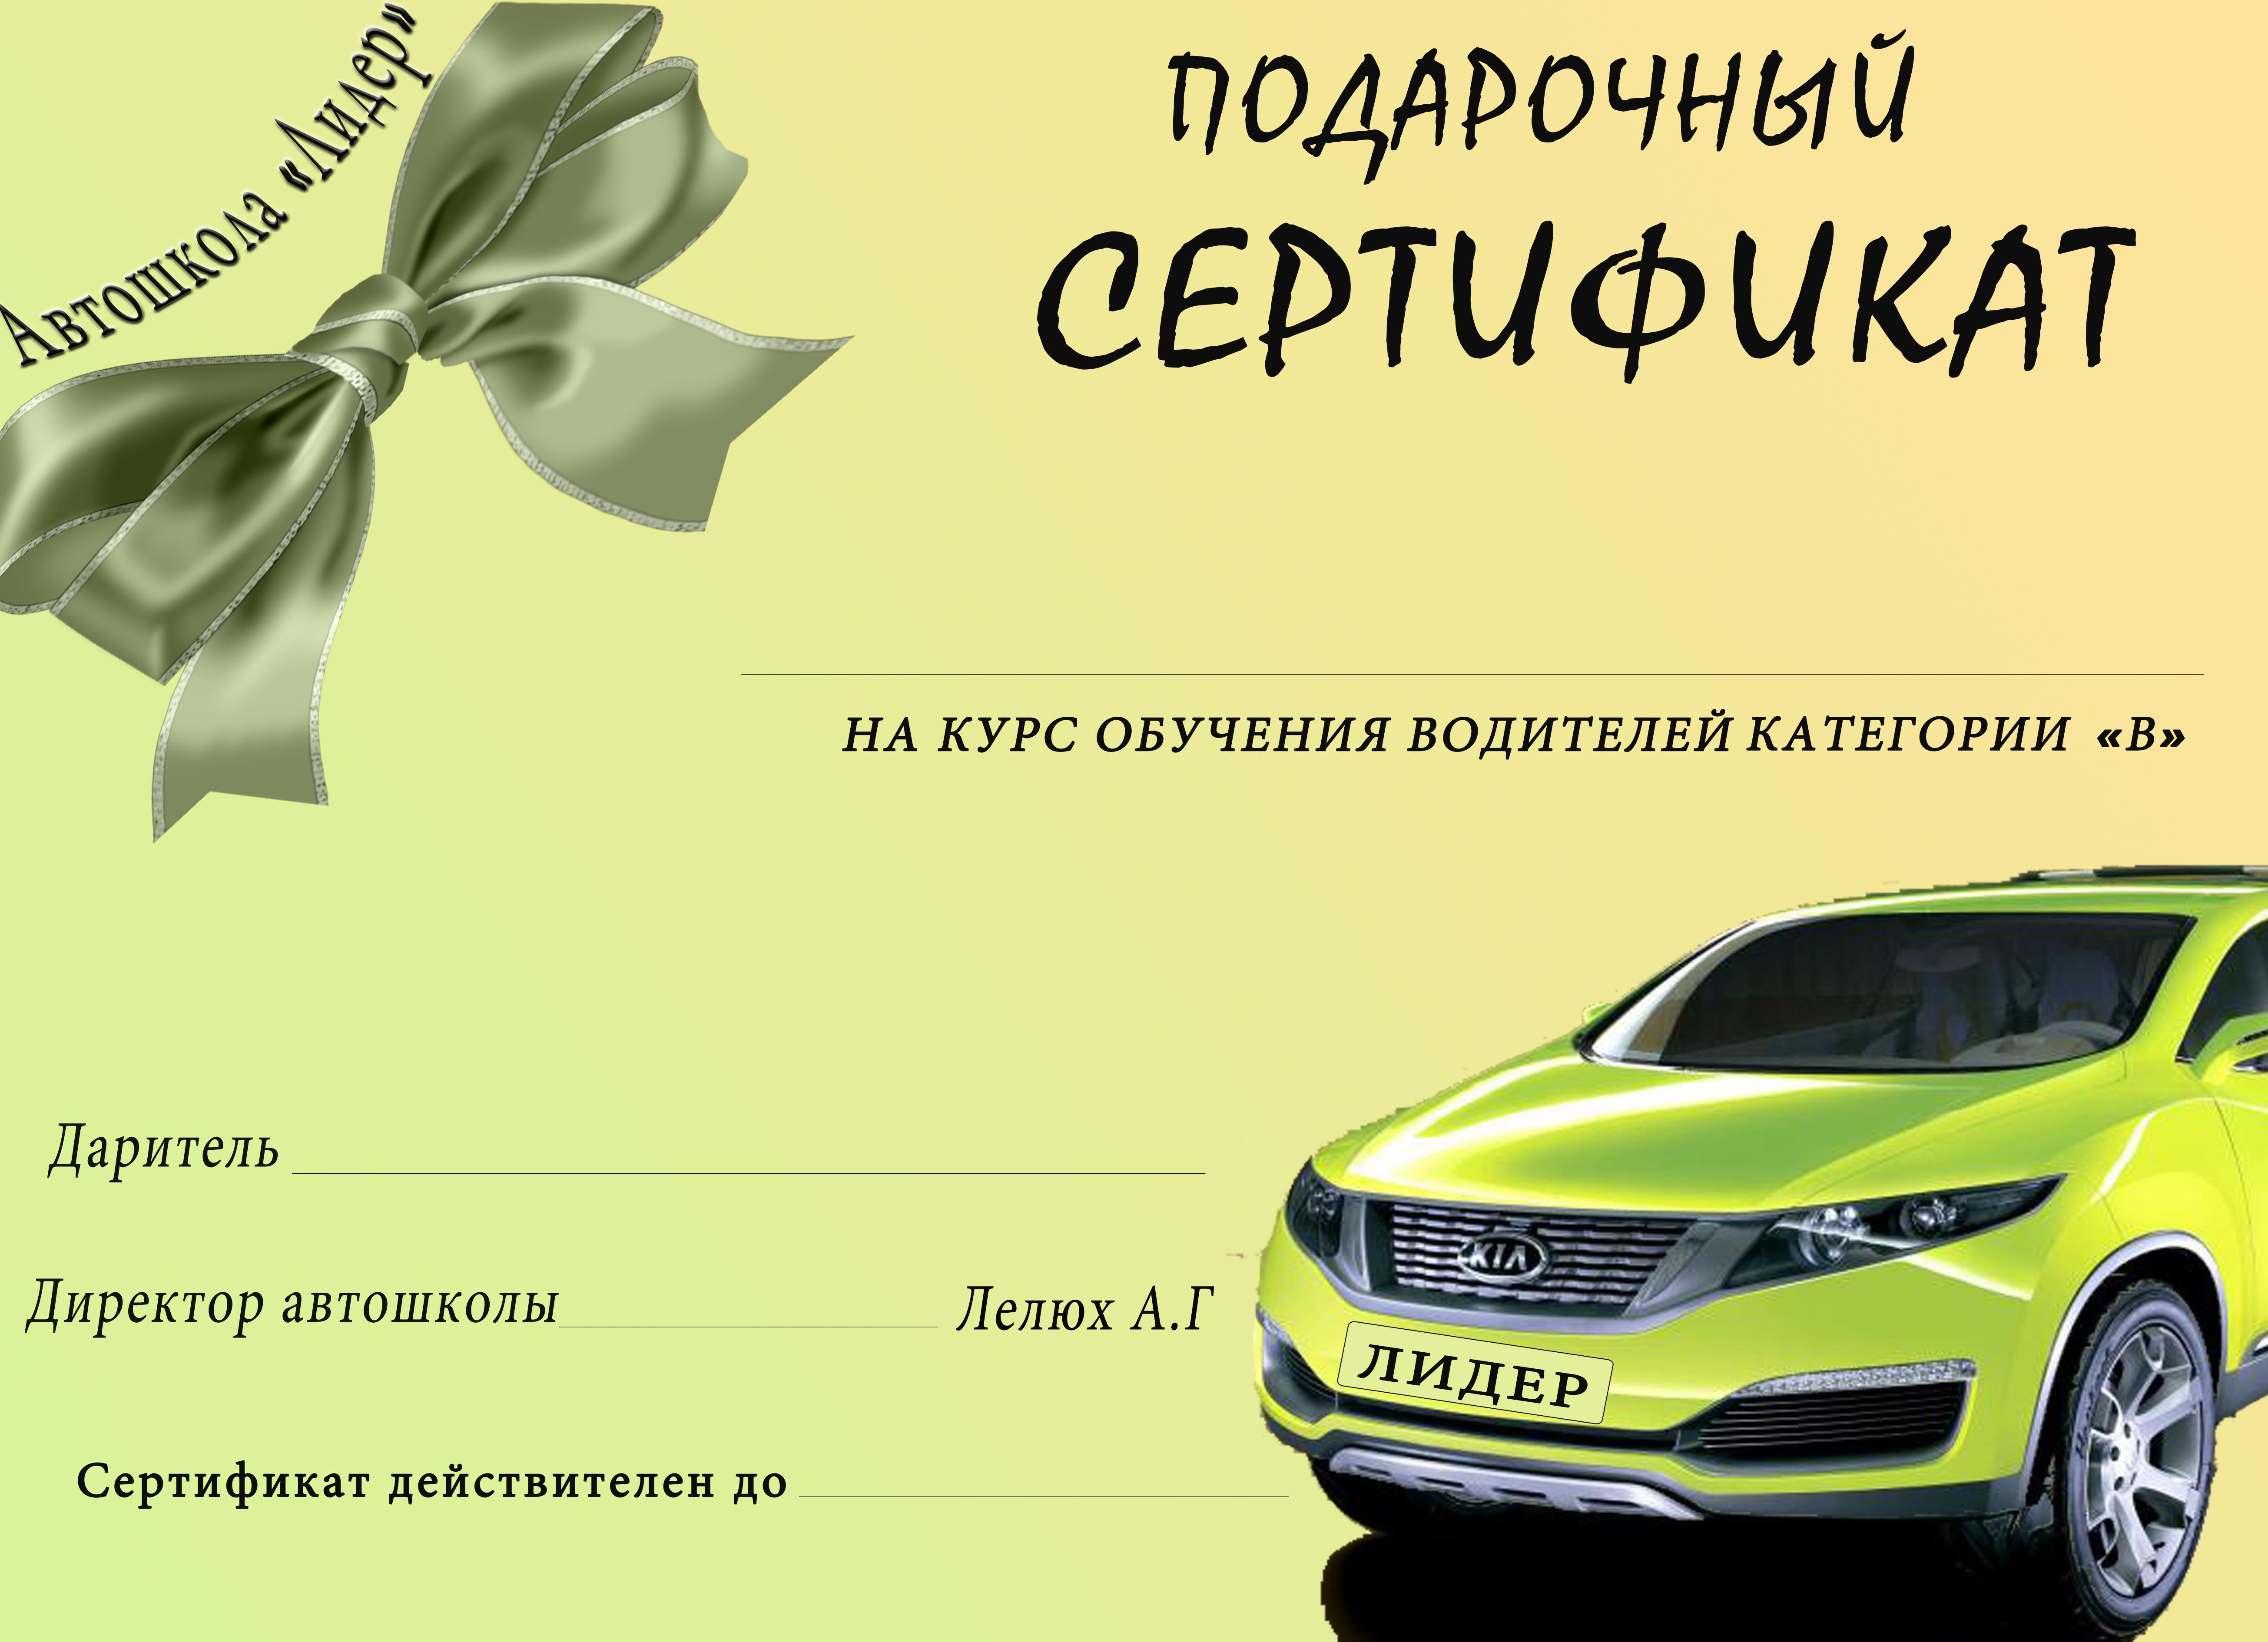 Сертификат авто подарок 99